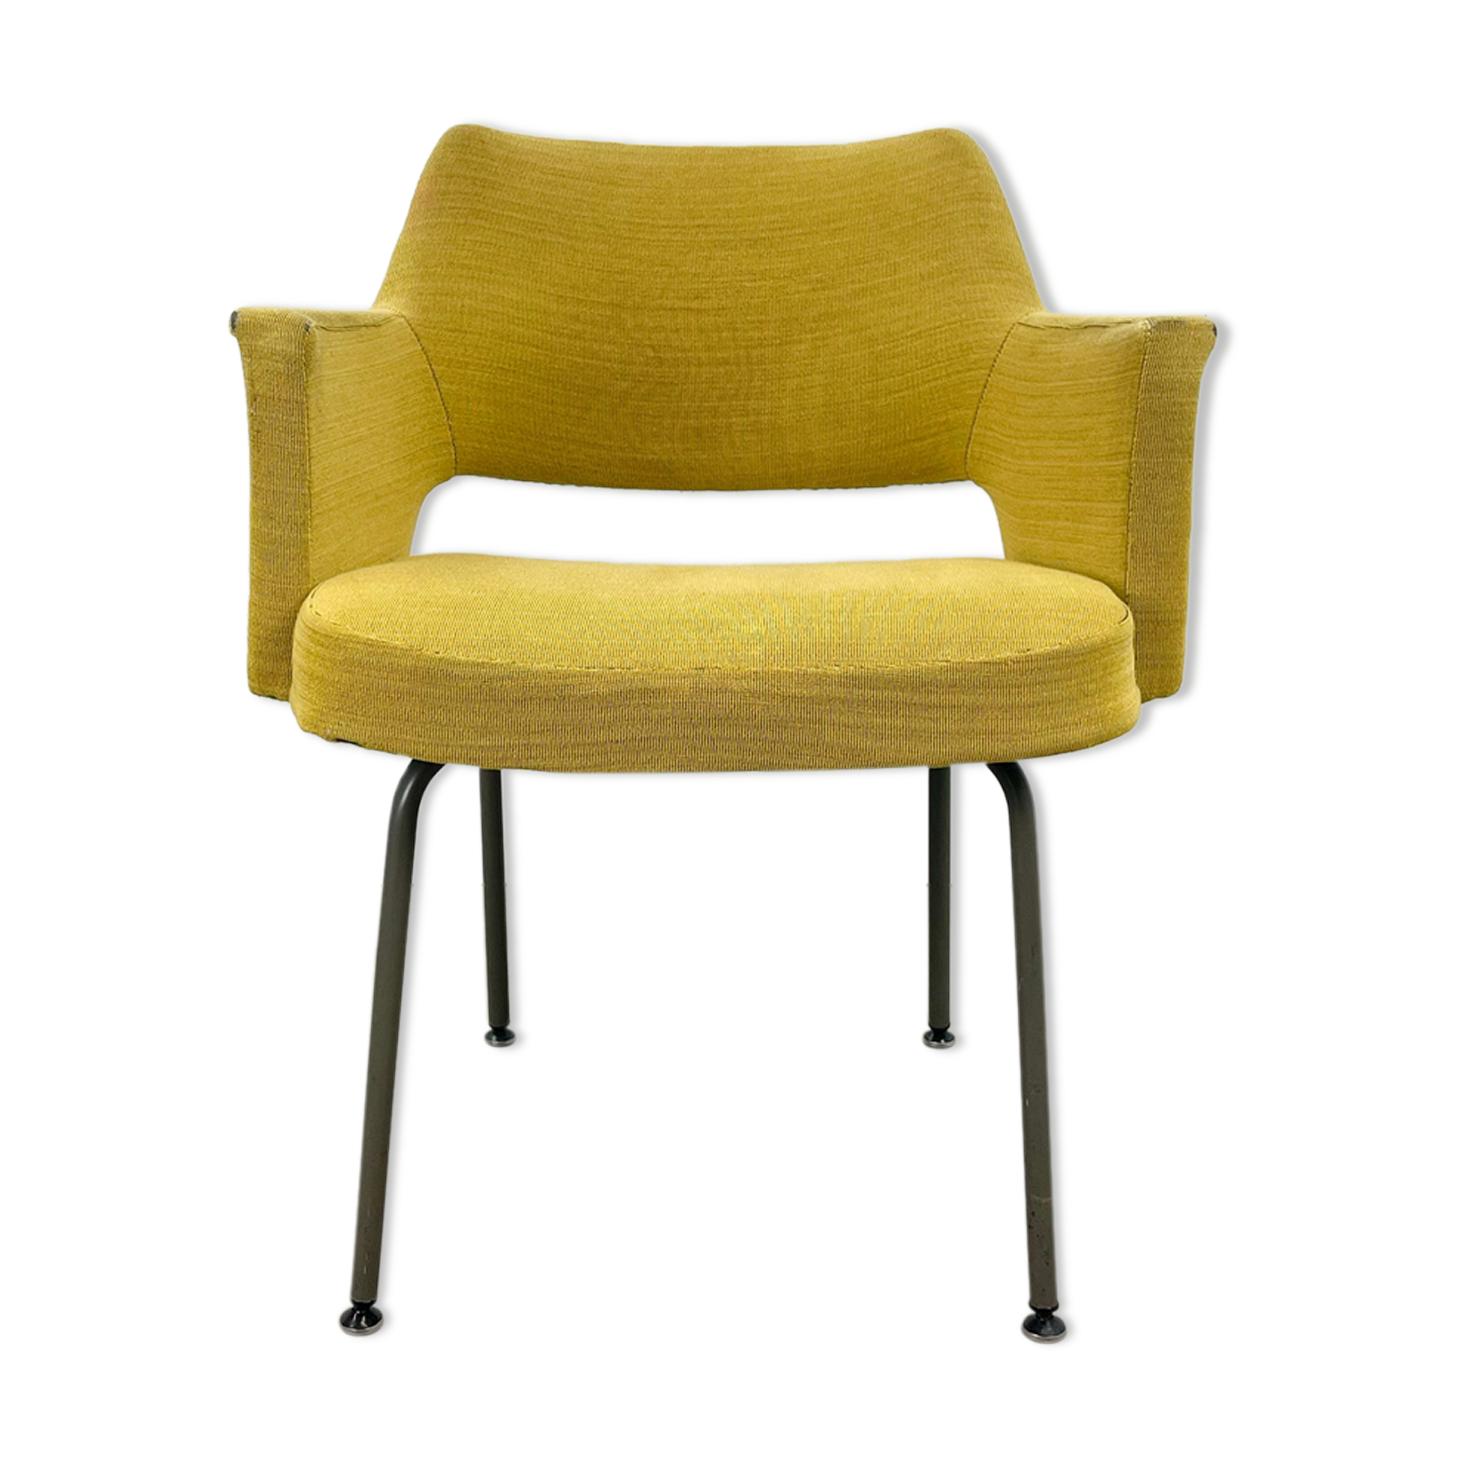 Fauteuil design par Hein Salomonson pour AP Originals